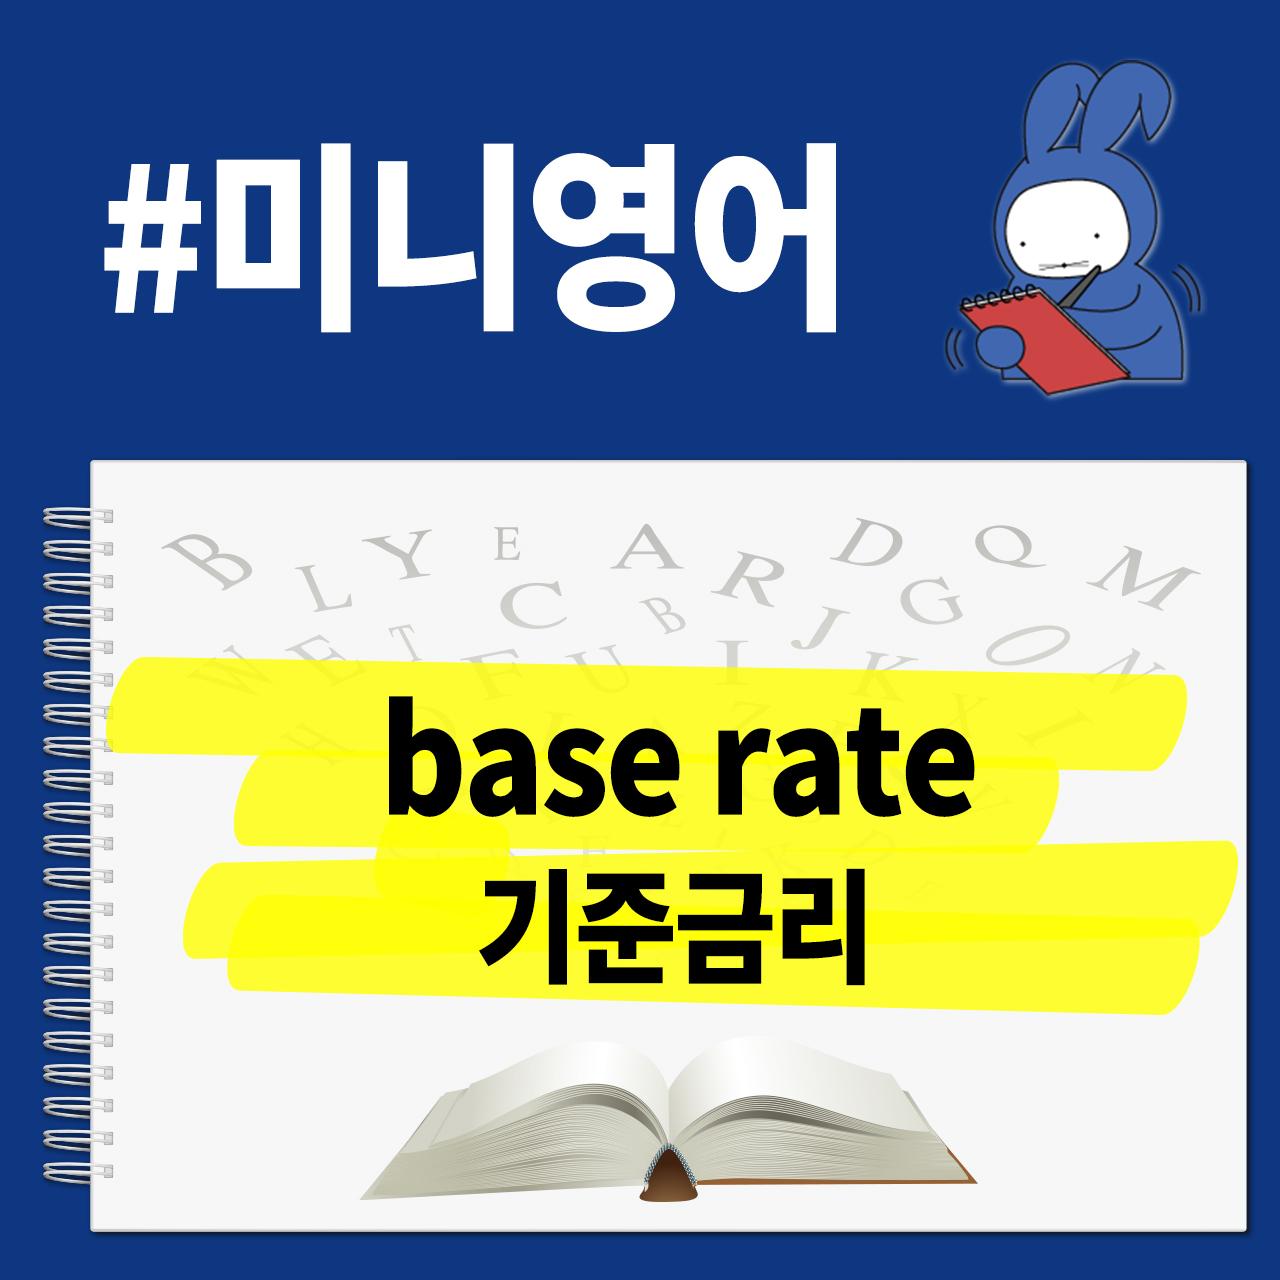 [오디오래빗] 한국은행 #기준금리 영어로 뭐게?